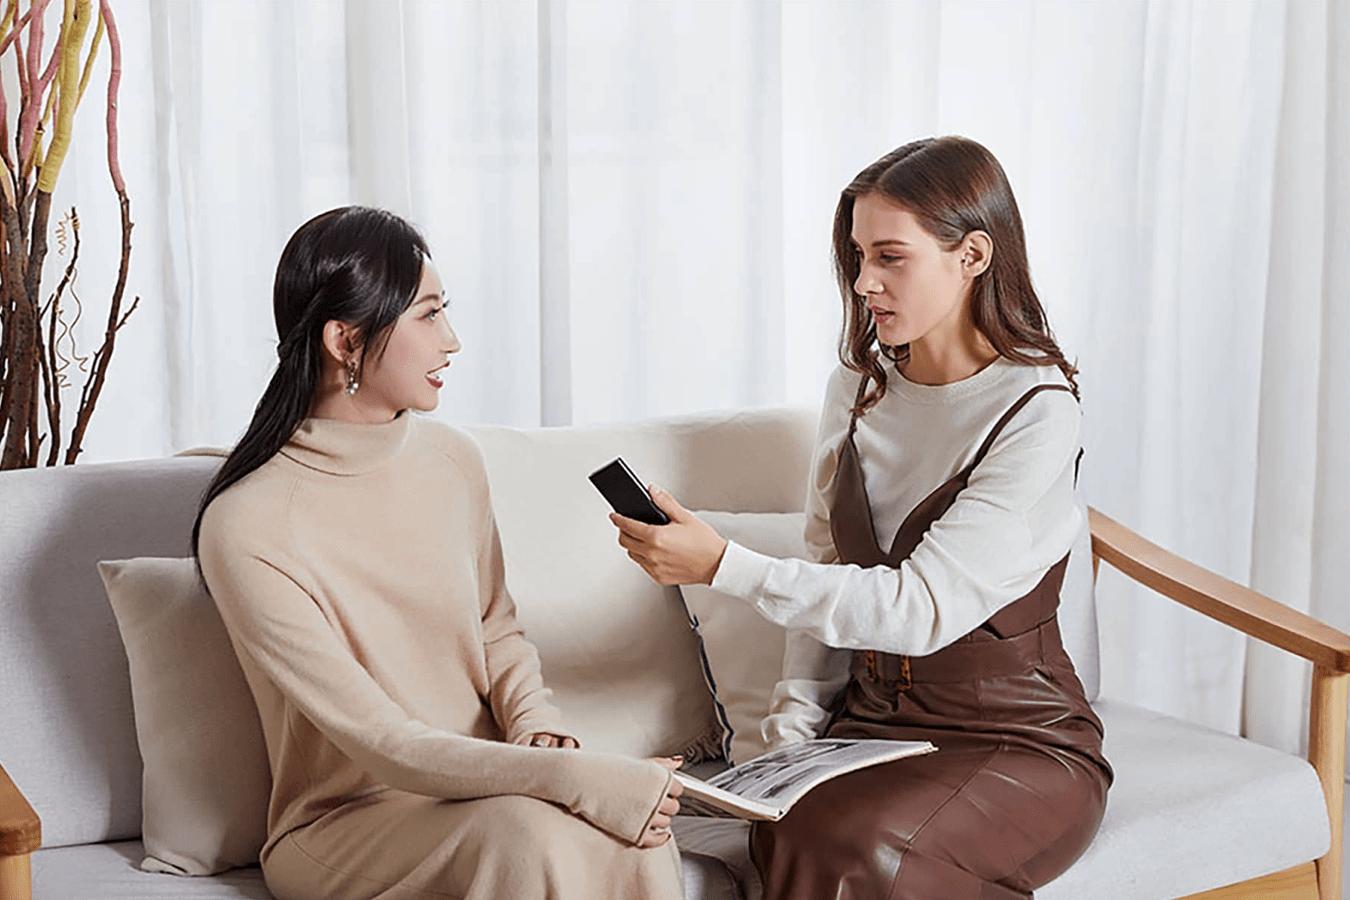 traducteur-vocal-instantane-langogo-genesis-connexion-et-traduction-plusieurs-langues